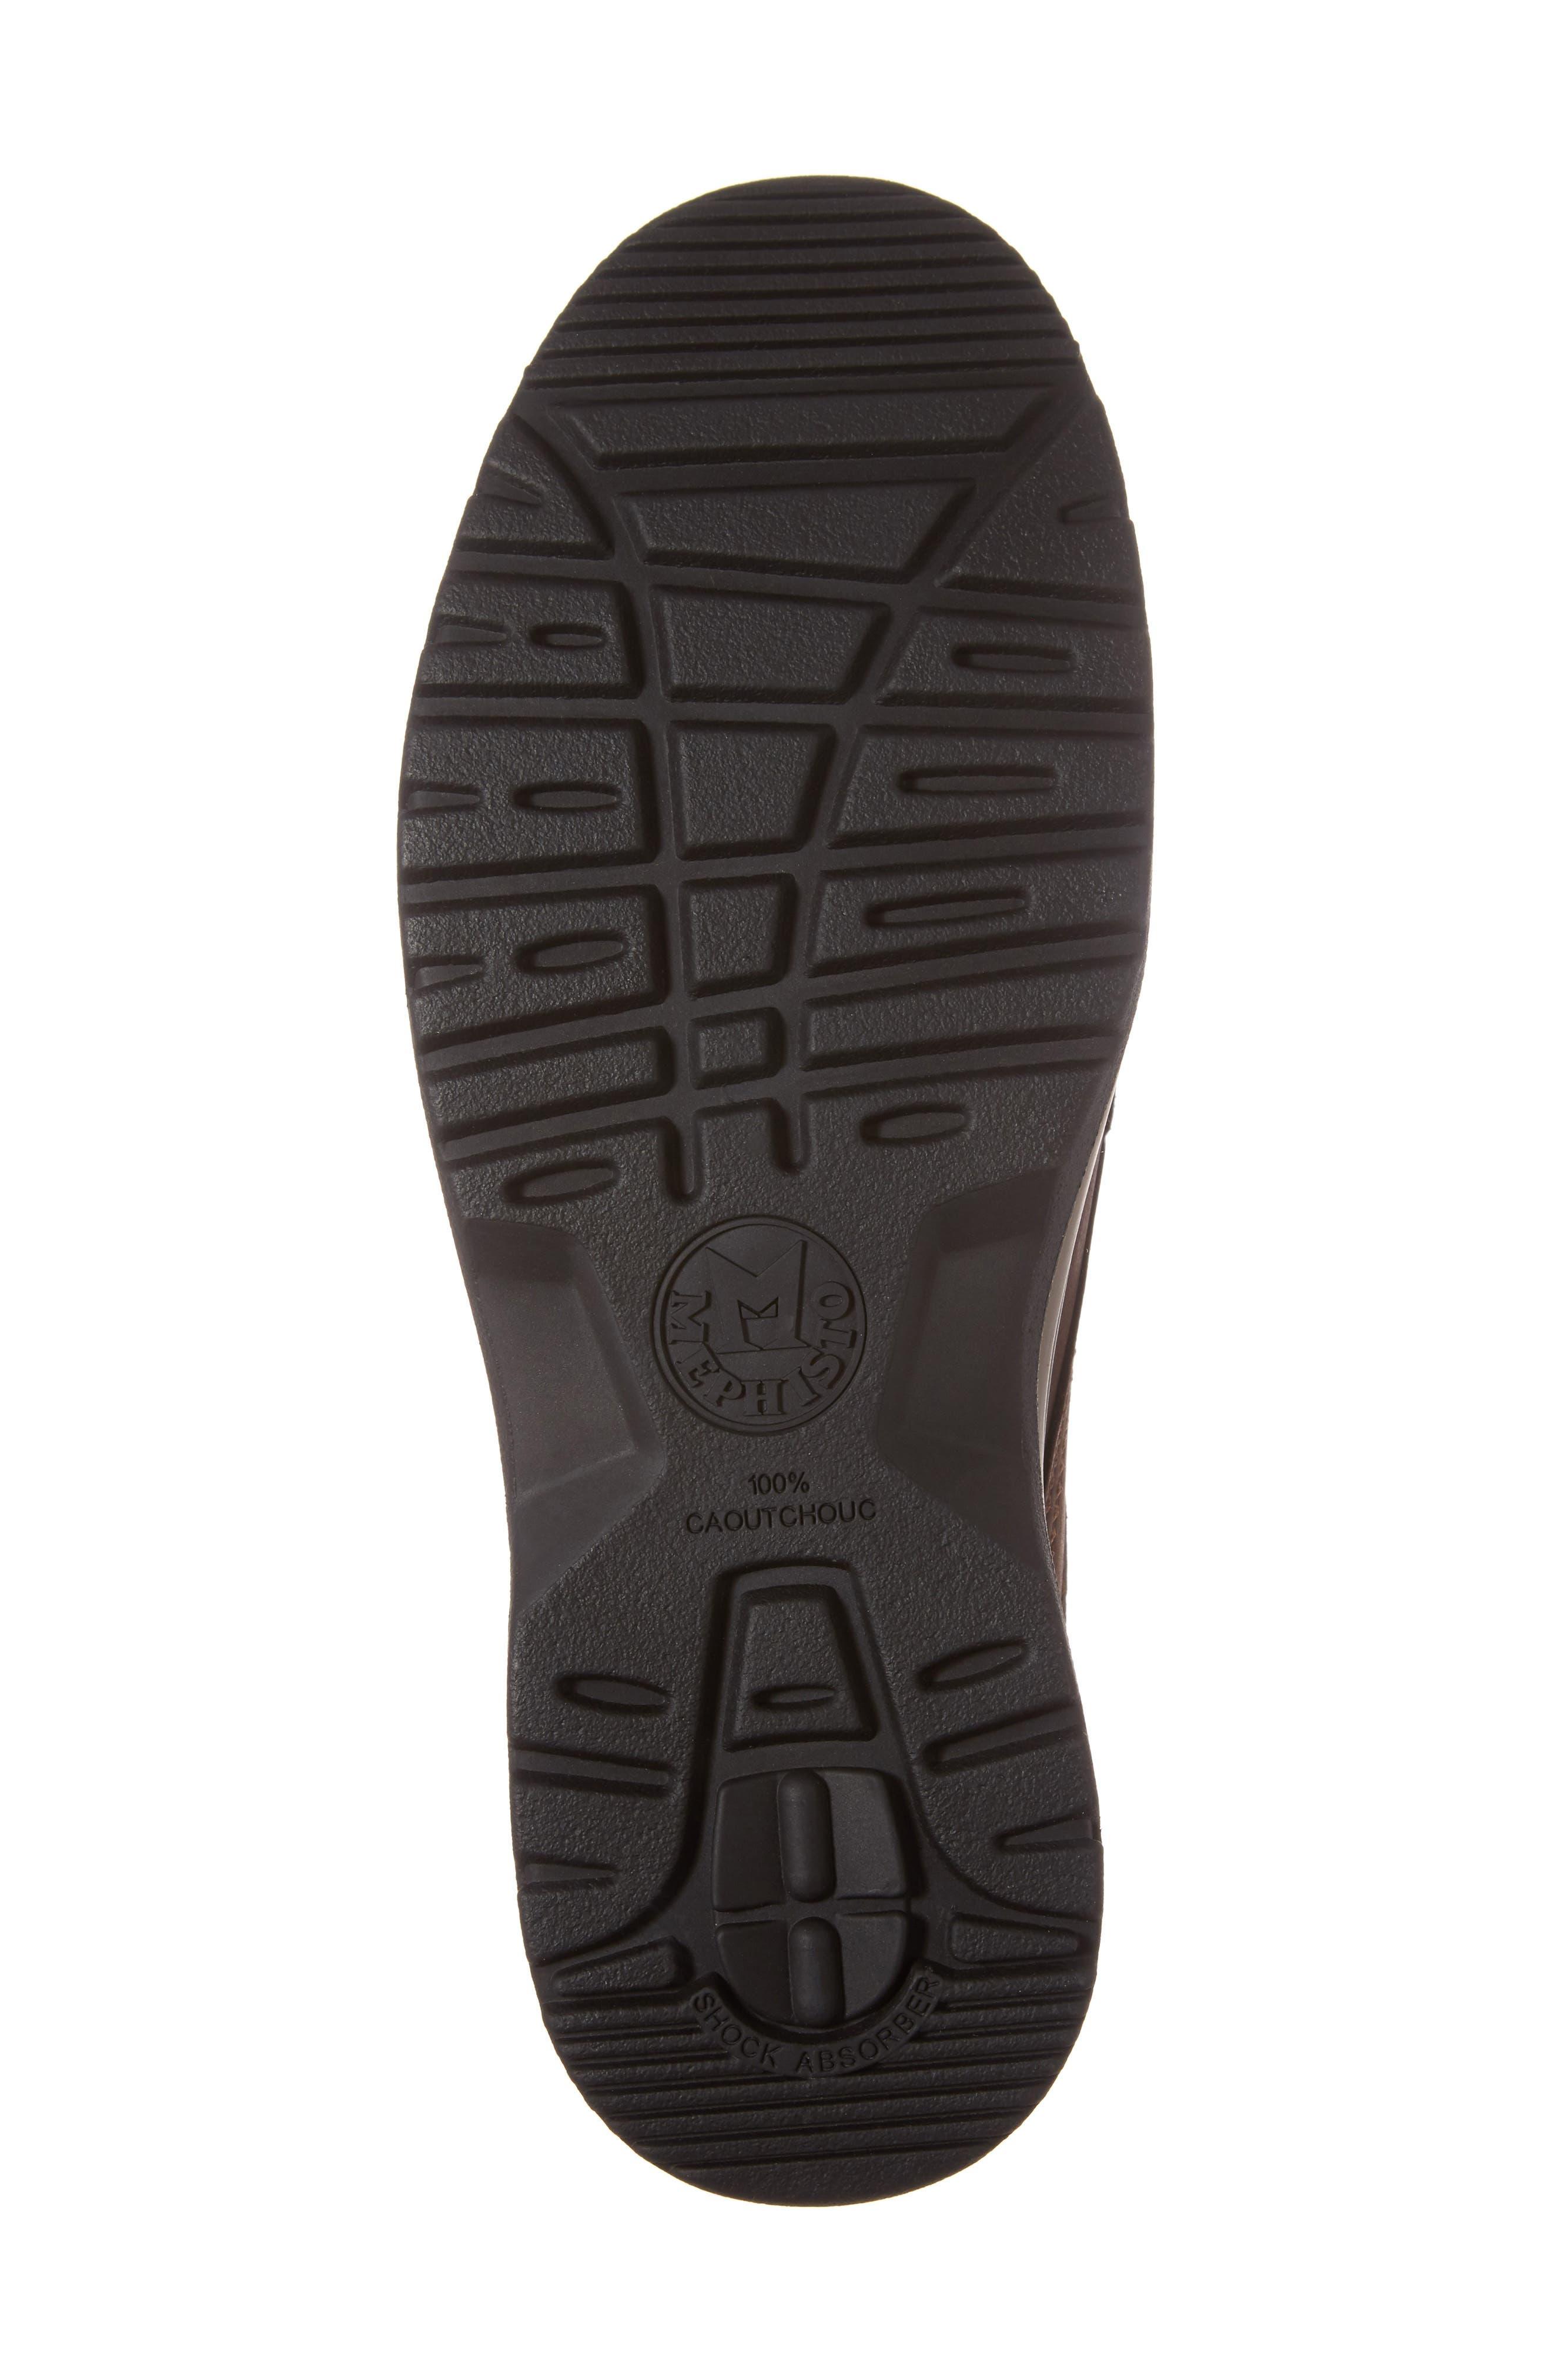 Charles Waterproof Walking Shoe,                             Alternate thumbnail 6, color,                             DARK BROWN